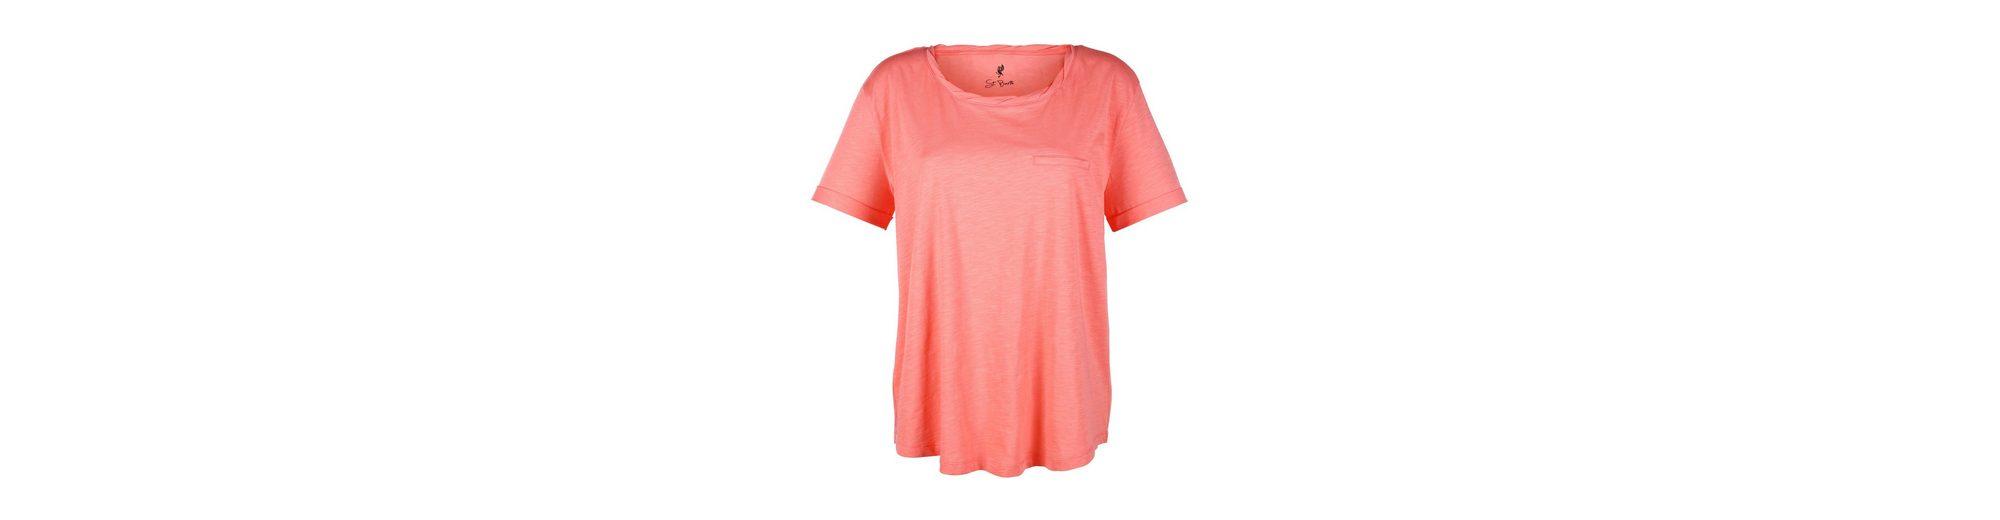 Die Besten Preise Günstig Online Alba Moda Shirt aus Flamégarn Auslassstellen Günstiger Preis jOcdN